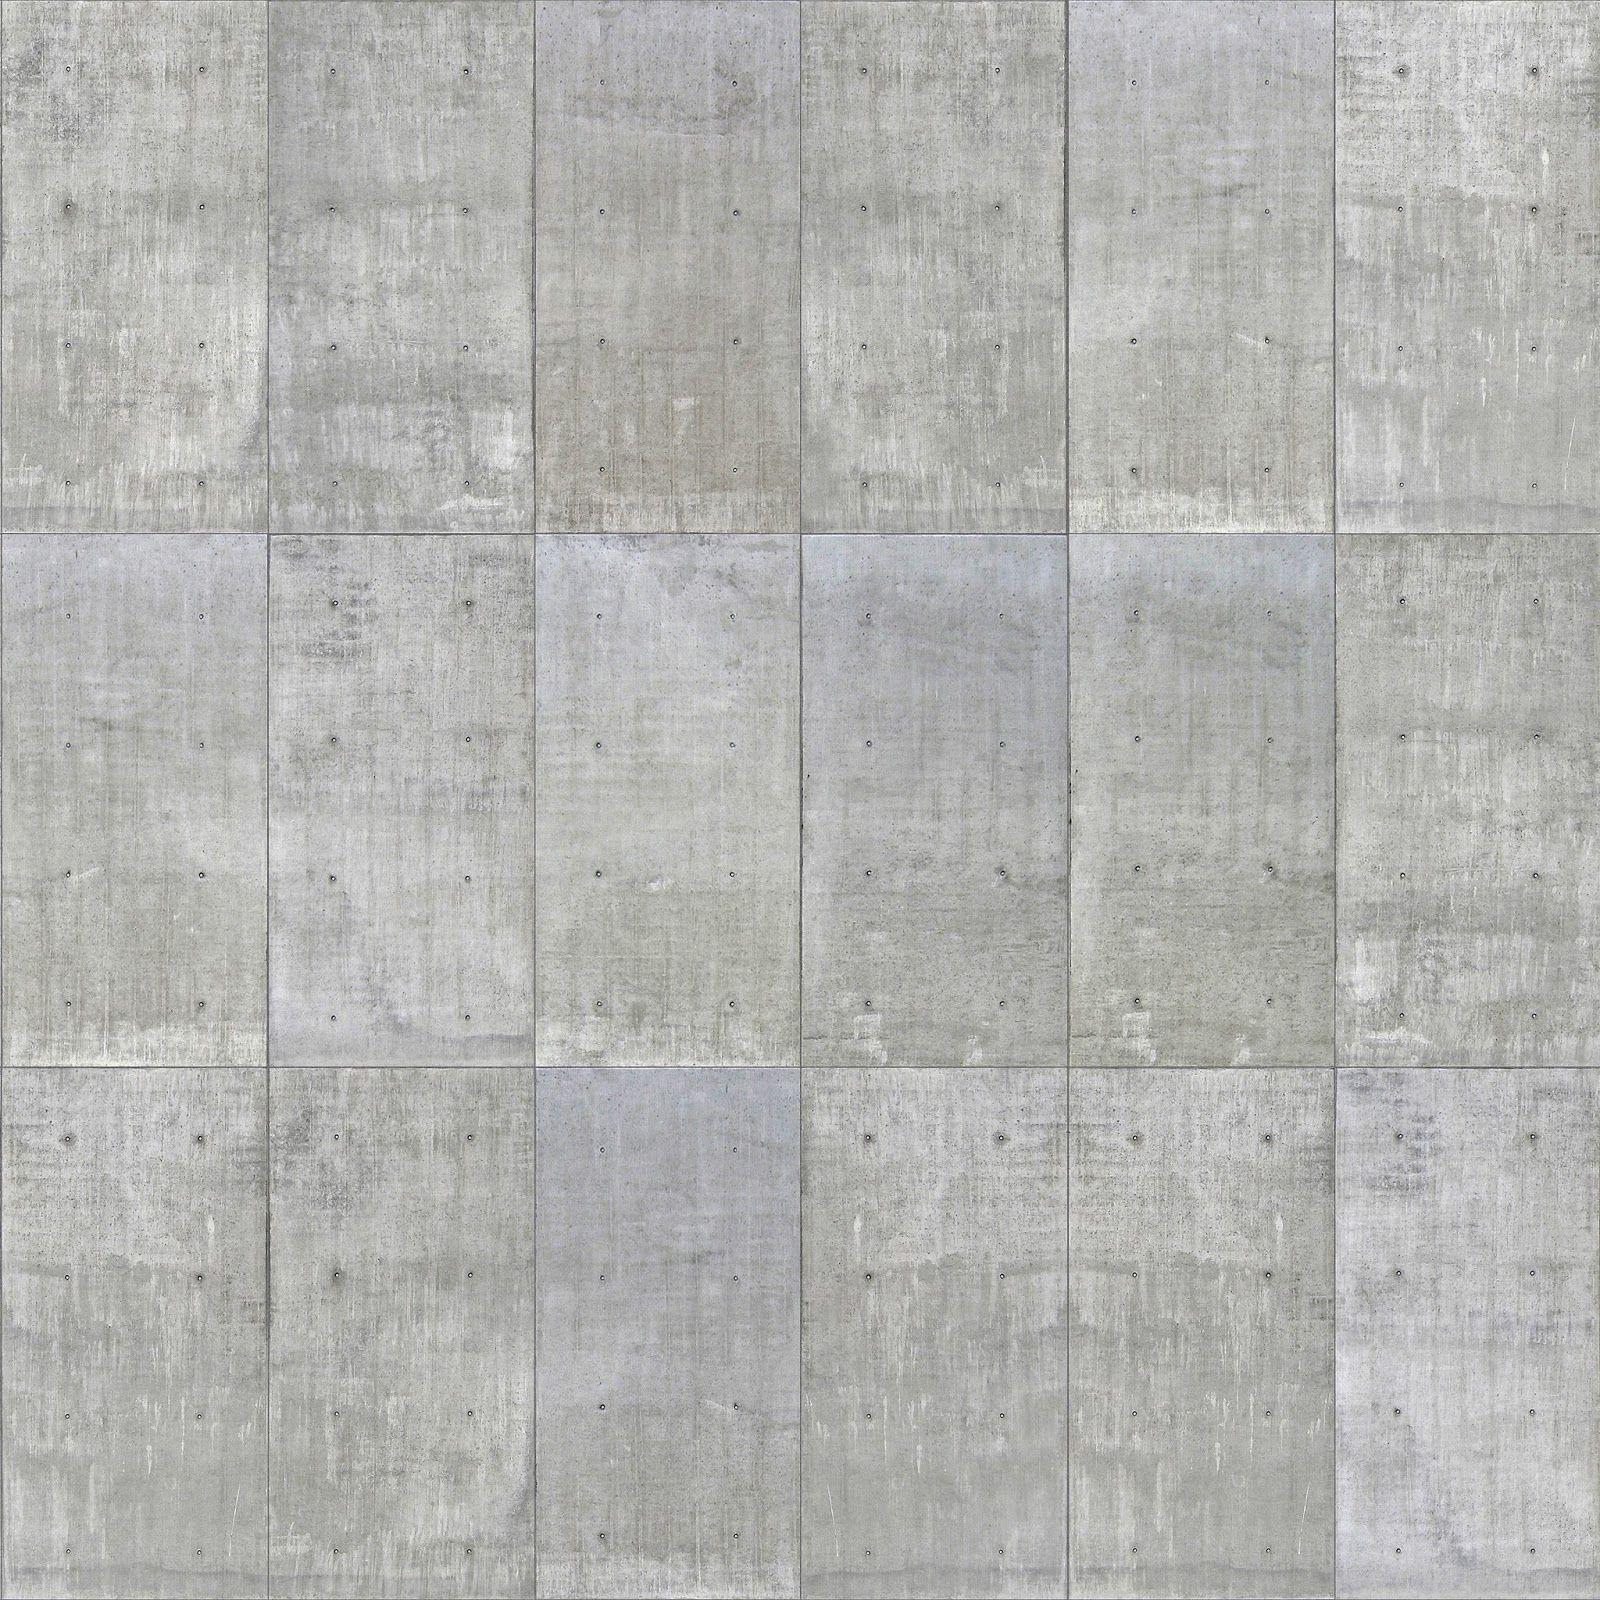 Tileable Concrete Blocks Pavement Texture    Maps    texturise. Tileable Concrete Blocks Pavement Texture    Maps    texturise